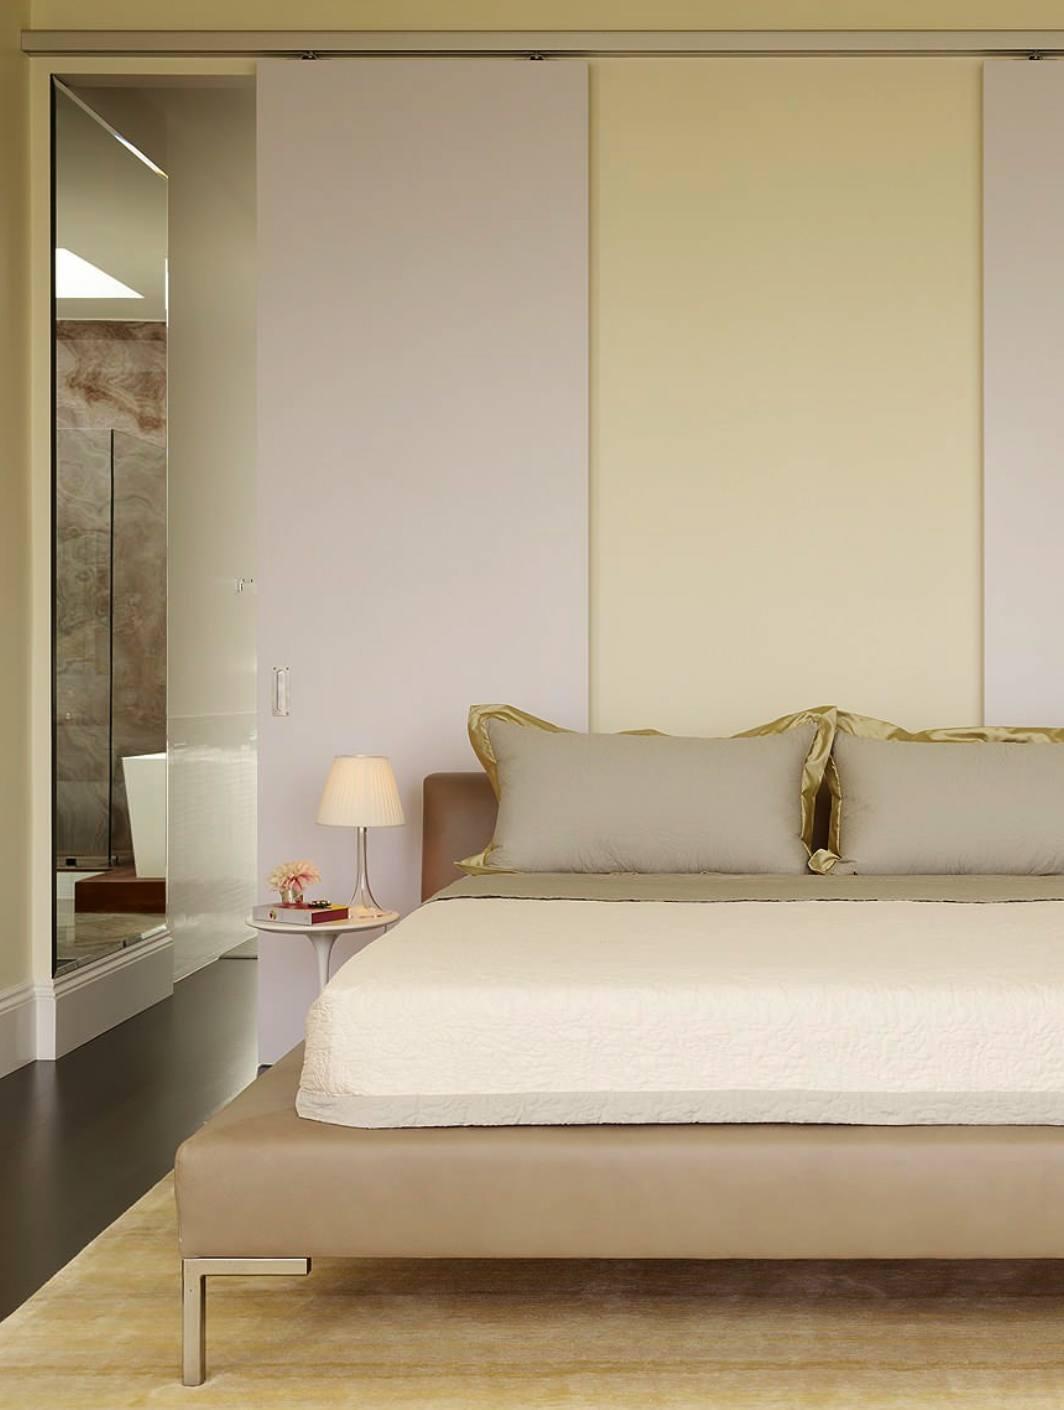 Maison Moderne-Redmond Aldrich Design-09-1 Kindesign